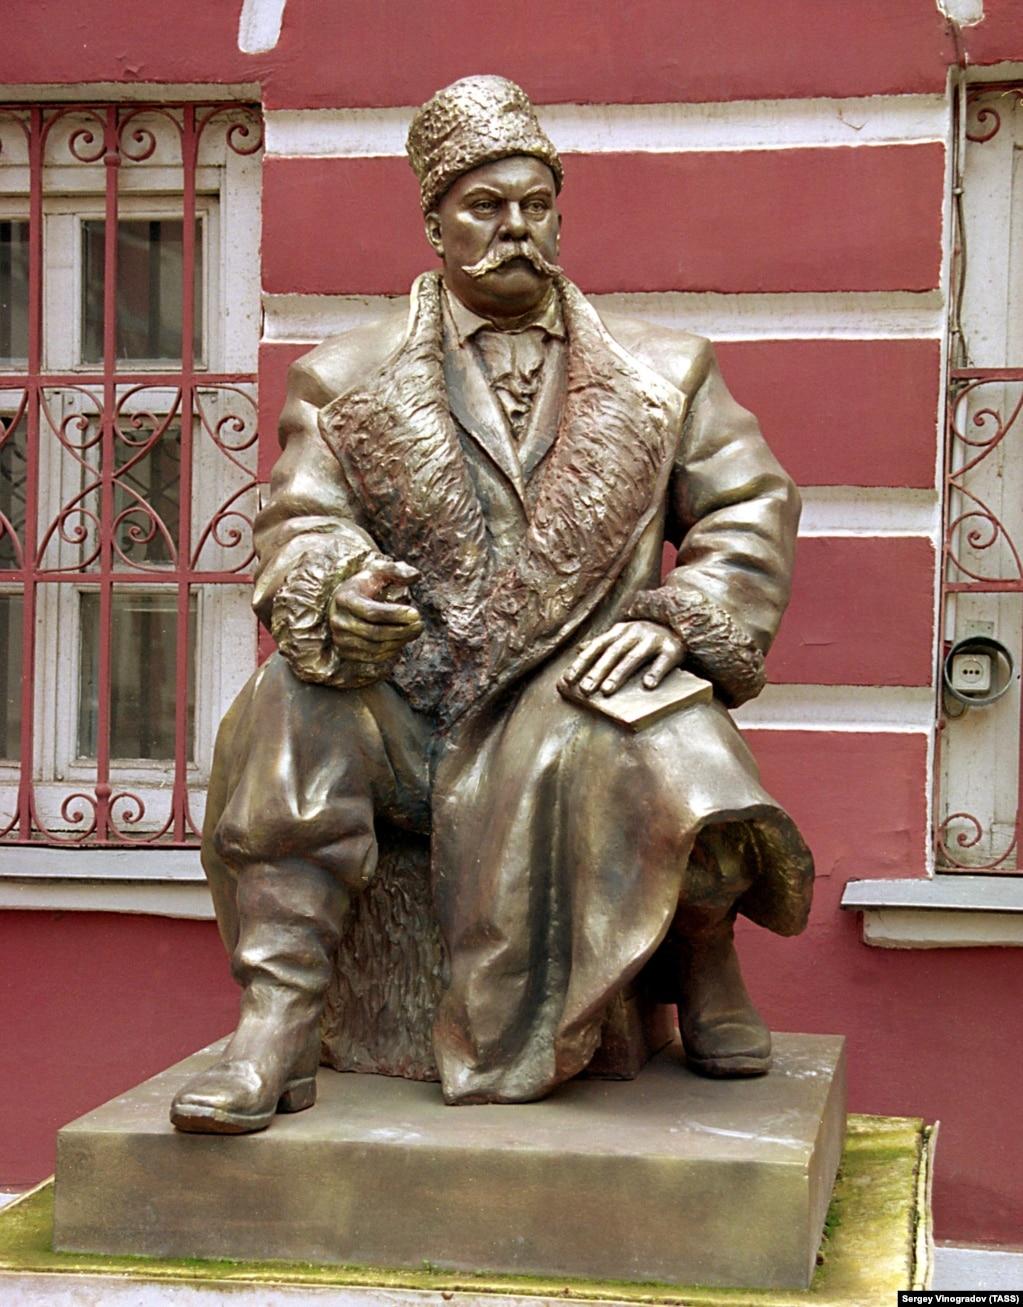 Пам'ятник журналісту і письменнику Володимиру Гіляровському (1855–1935) у Москві. Фото 2004 року